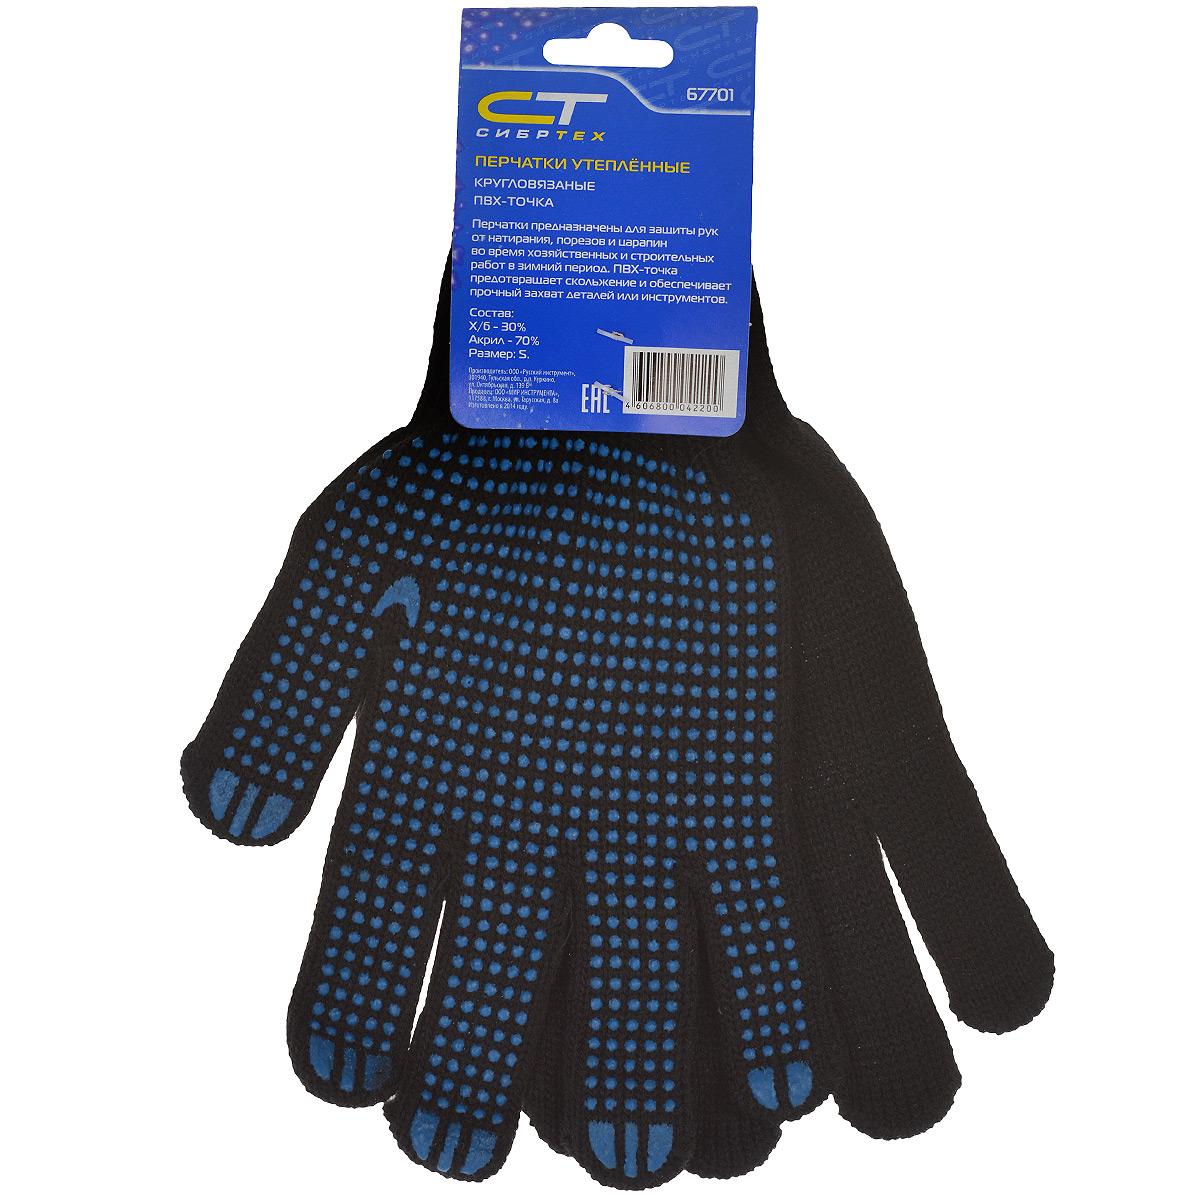 Перчатки утепленные Сибртех. Размер S ( 67701 )